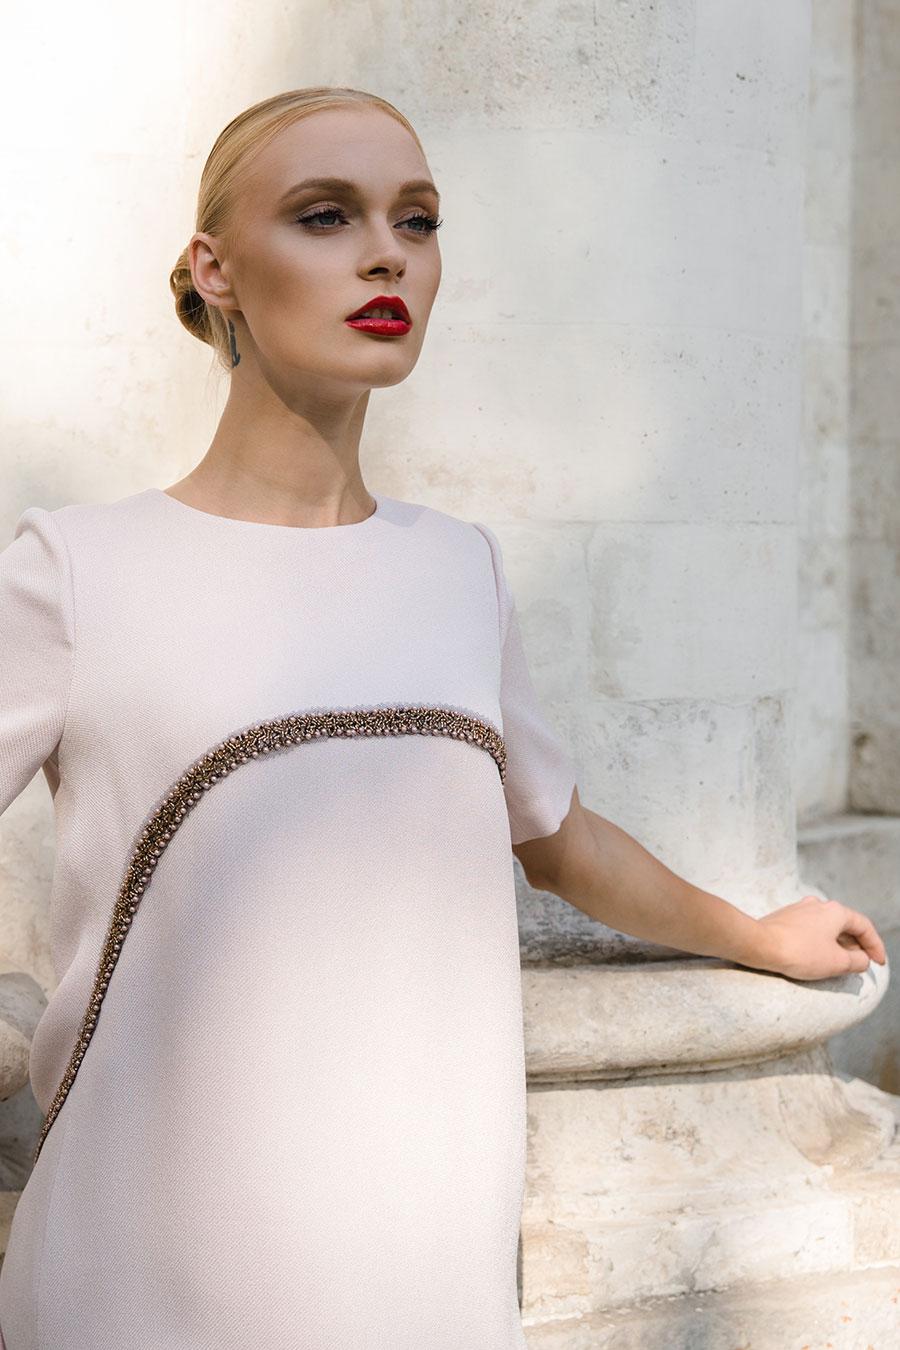 Нежно-розовое платье-трапеция, декорированное тесьмой с жемчугом и бисером